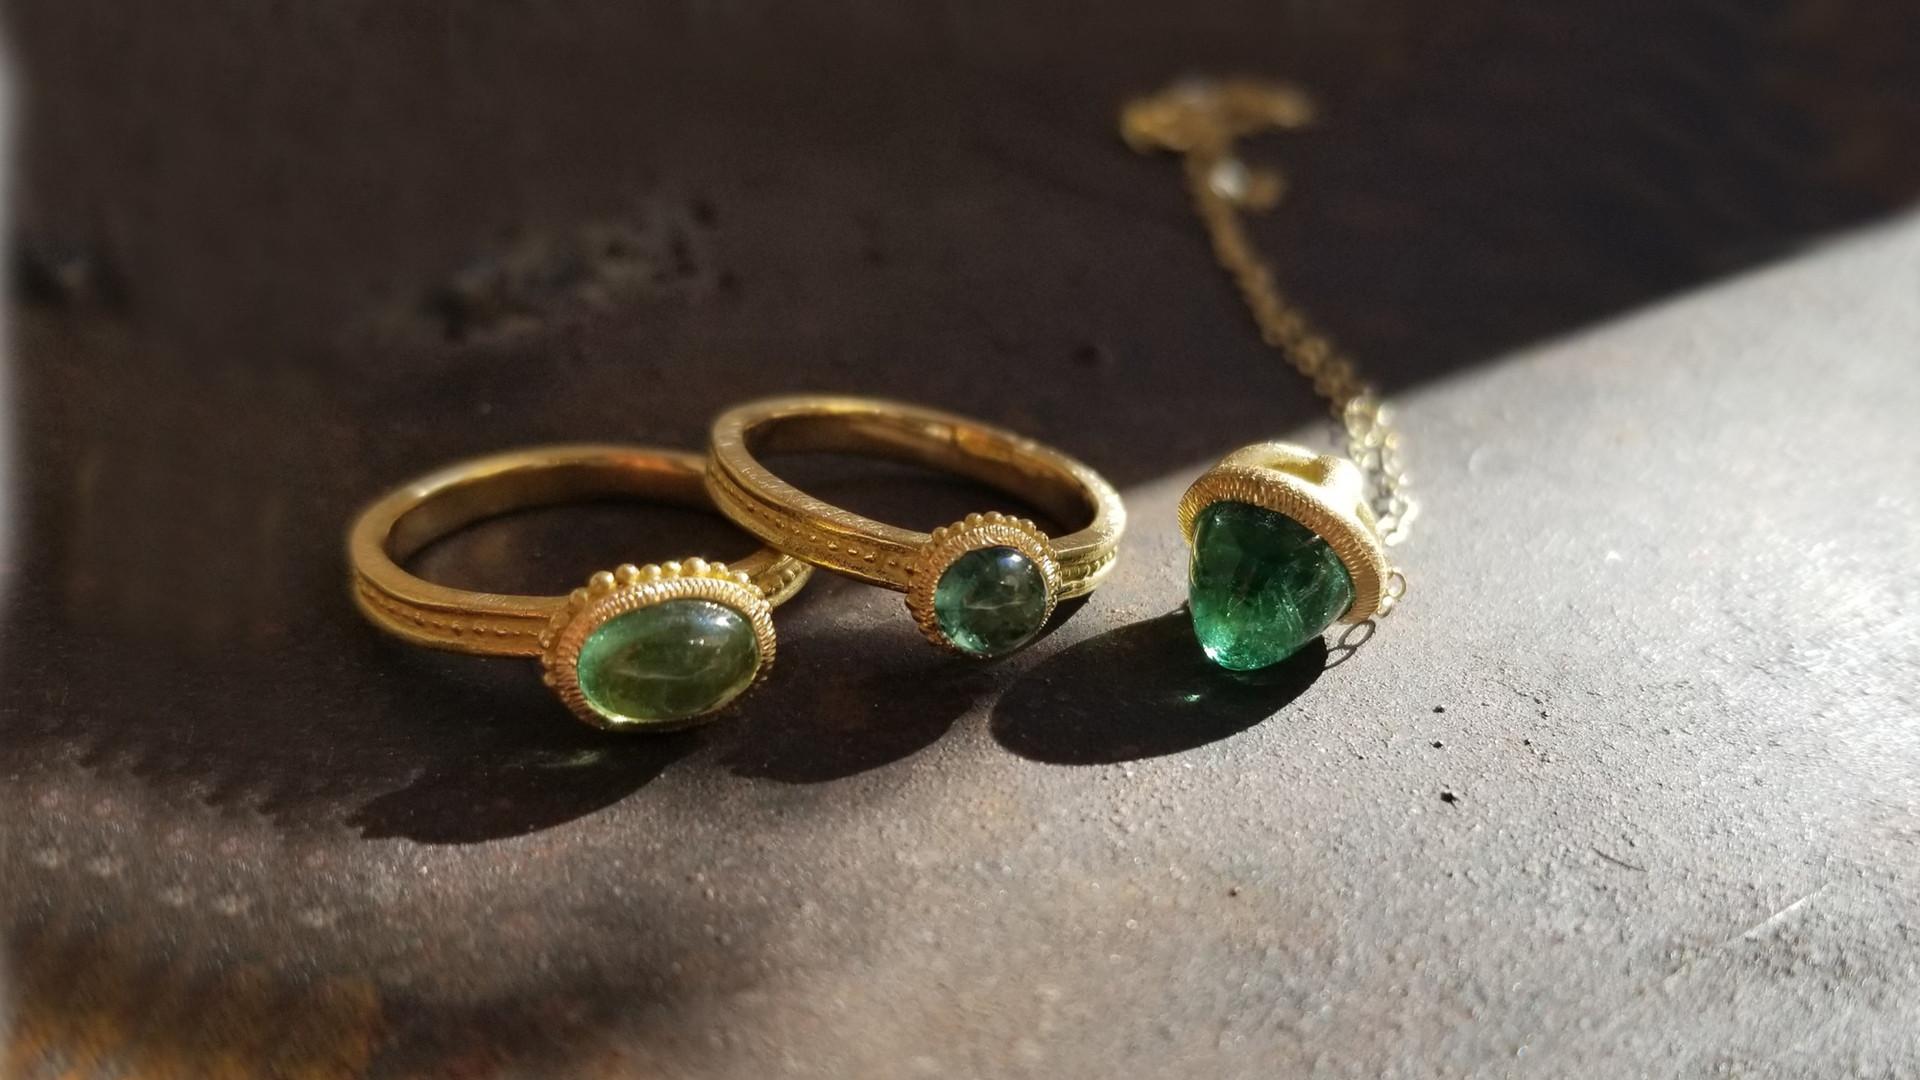 Bijoux de créateur en or et tourmaline valerie lachuer